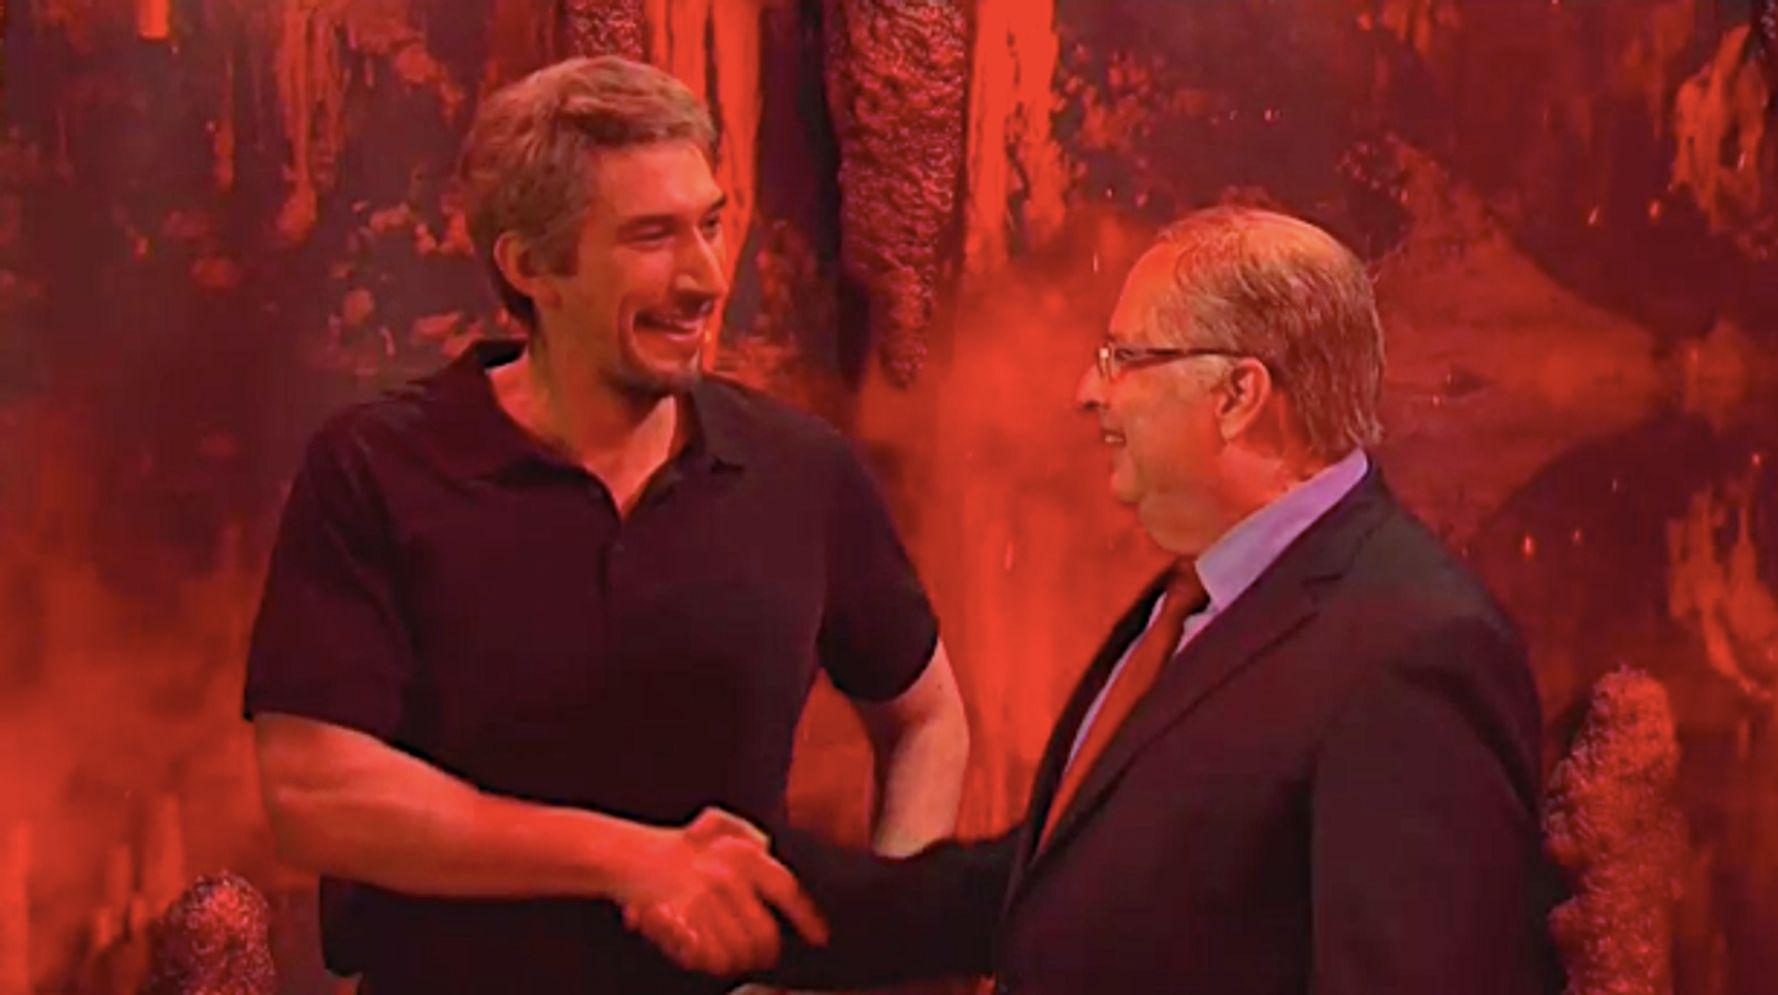 Jon Lovitz's Alan Dershowitz Goes To Hell To Meet 'Huge Fan' Lucifer On 'SNL'